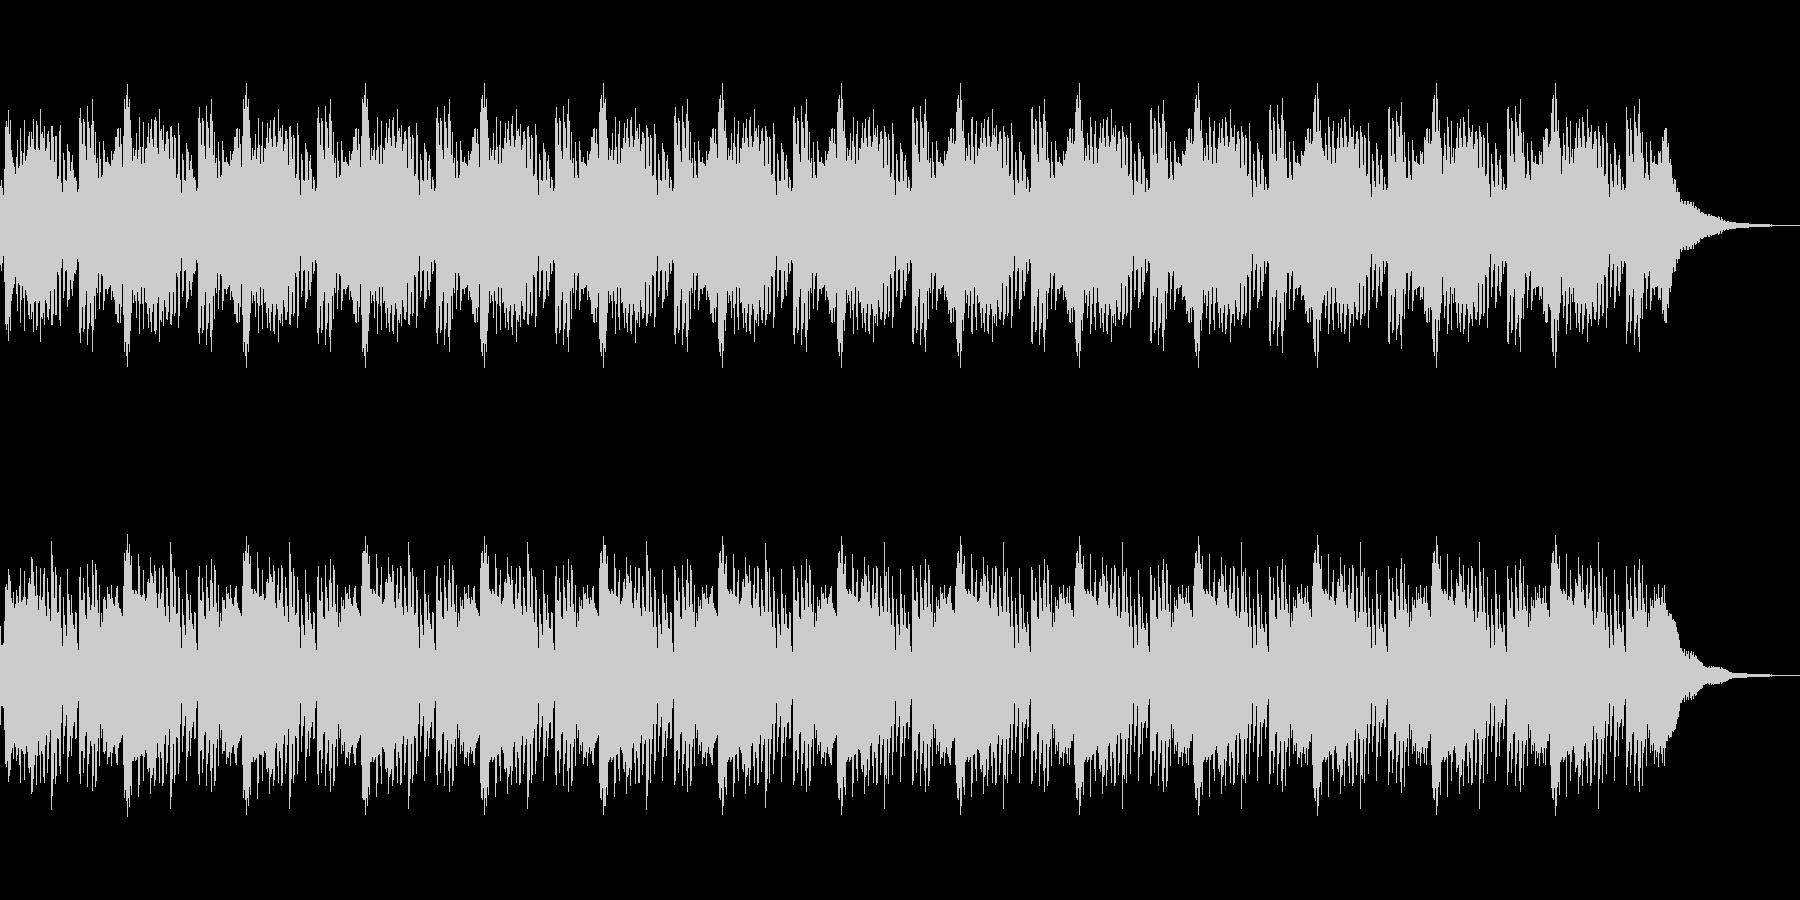 THEハープDE輝くクリスタル ドレミ の未再生の波形